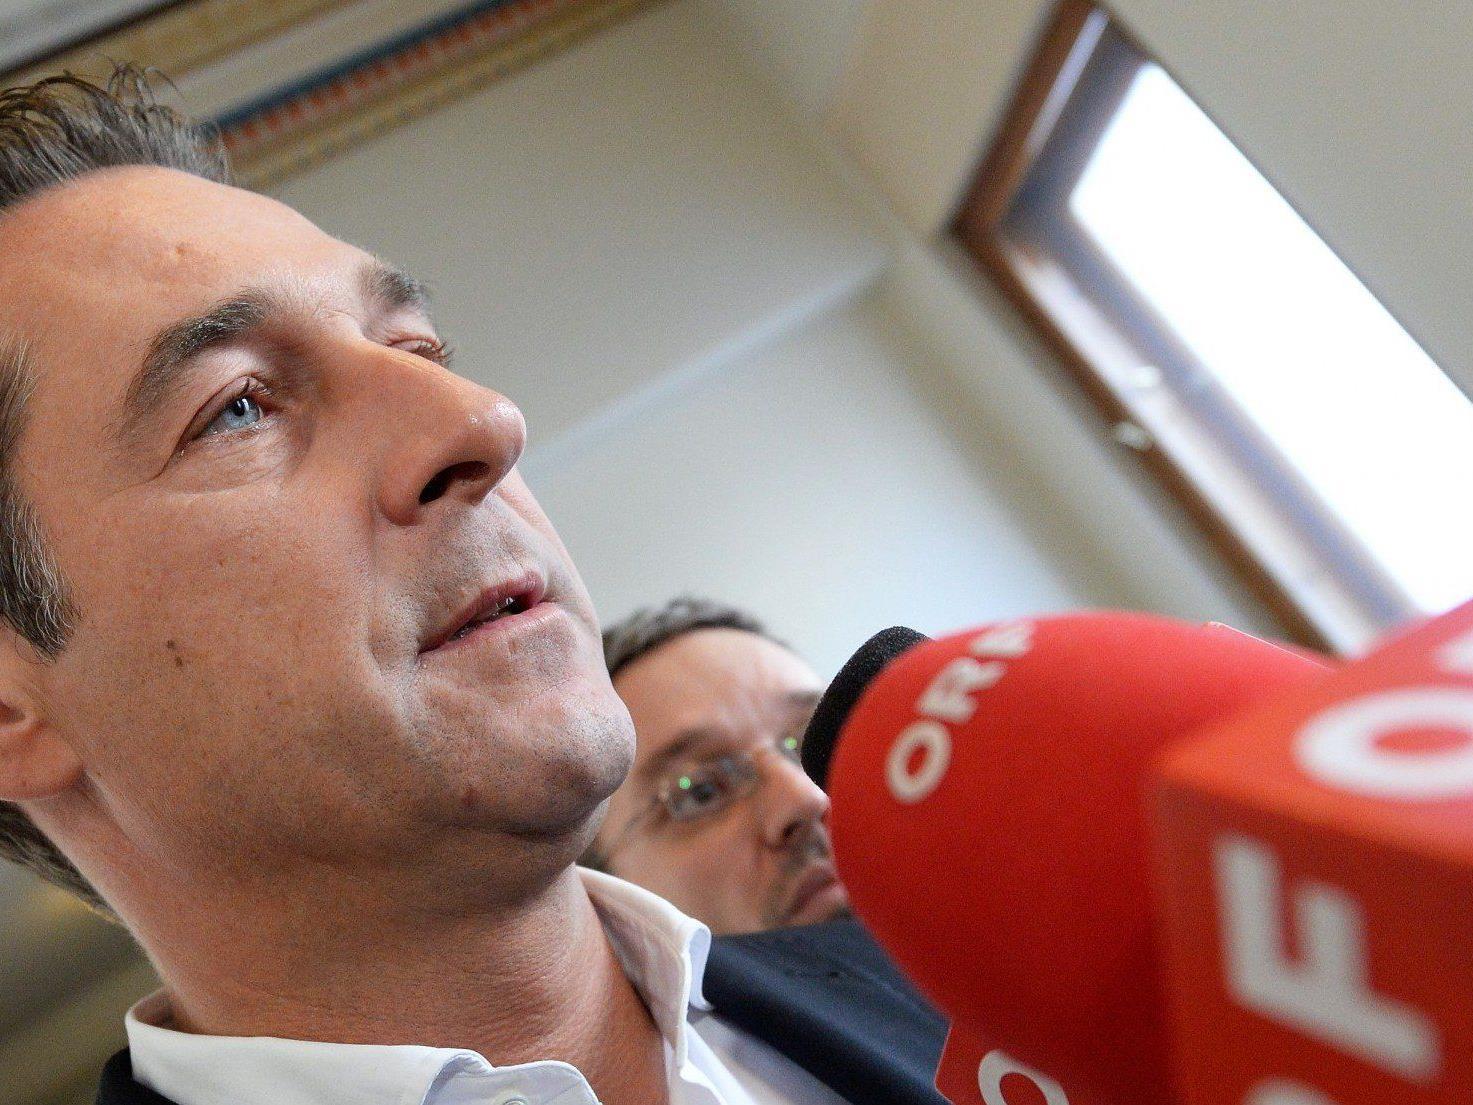 Am Dienstag wurde ein Verhandlungsteam der FPÖ nominiert.